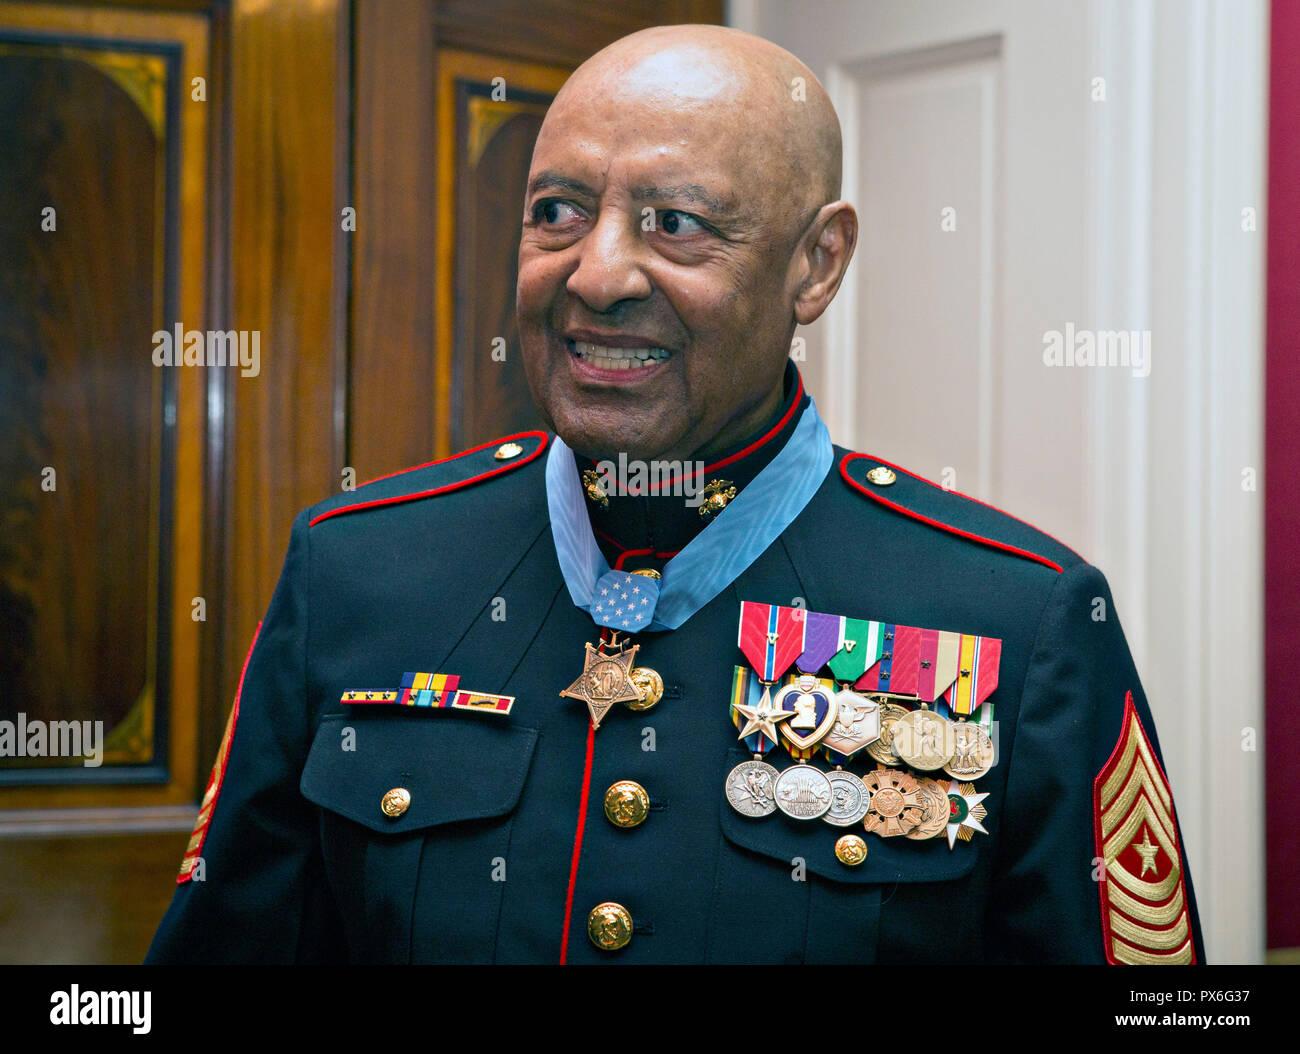 Récipiendaire de la médaille d'Honneur a pris sa retraite de la Marine américaine Le Sgt. Le major John Canley Smiles suite à la cérémonie de présentation à la Maison Blanche le 17 octobre 2018 à Washington, DC. Canley a reçu la plus haute distinction des nations unies pour les actions au cours de la bataille de Hue dans la guerre du Vietnam. Banque D'Images